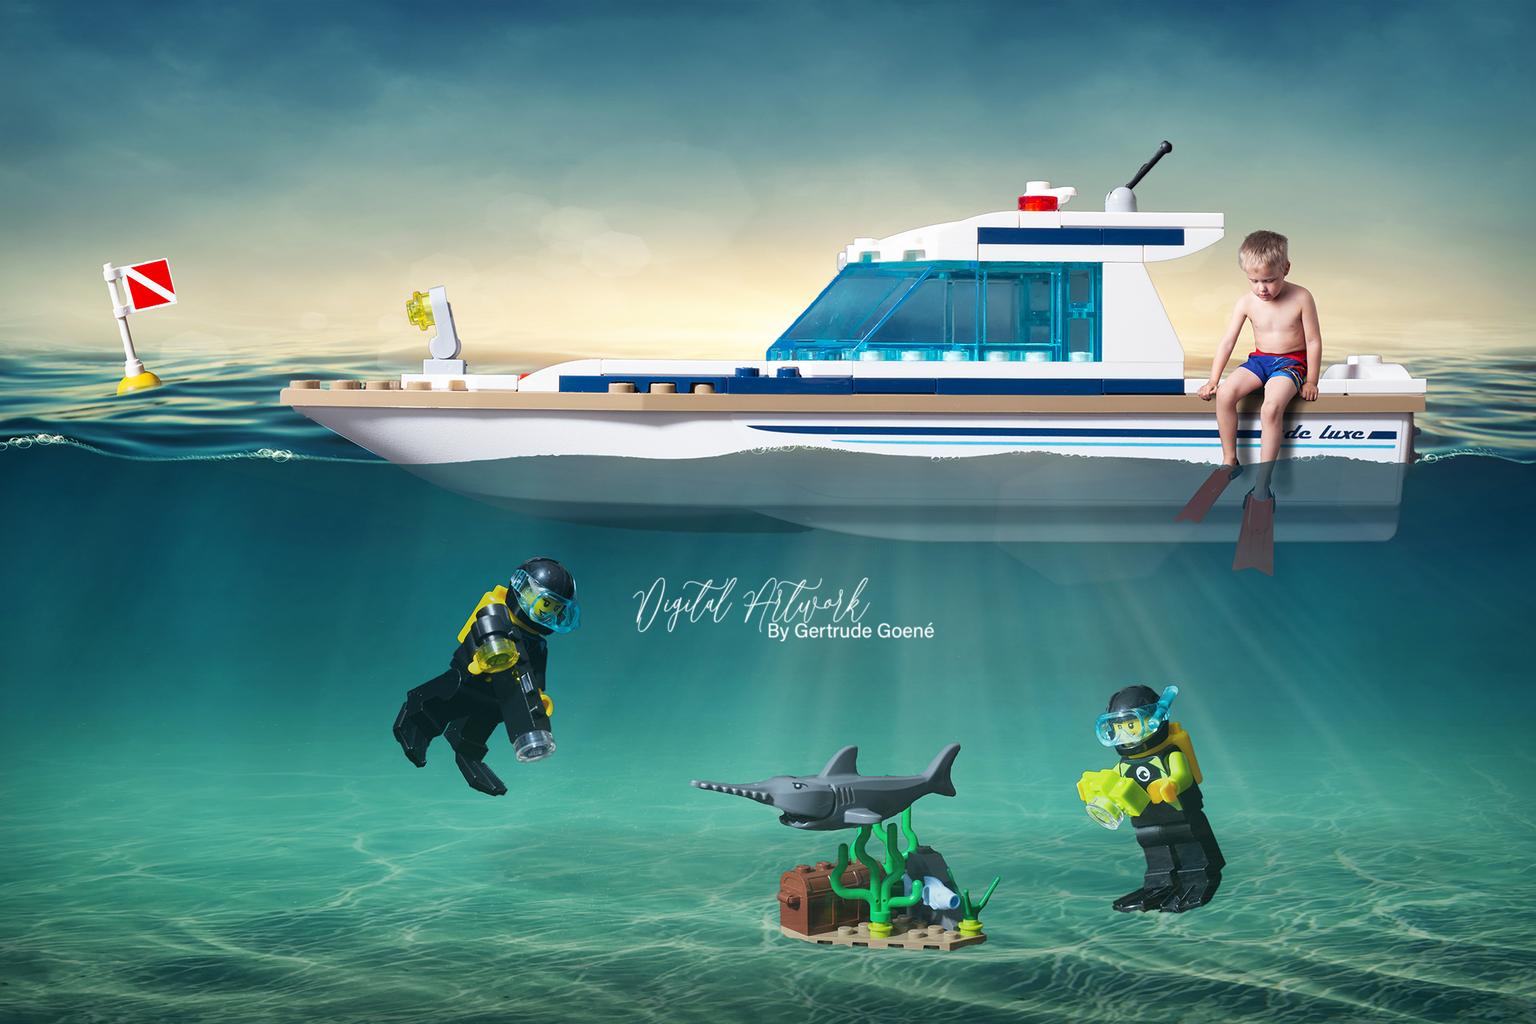 Duiken naar de schat - Hier mocht Aryen mee met zijn Lego duimmaatjes om te gaan duiken naar de schat. Wat een lol hadden we in het maken van dit beeld zeg!  - foto door LegoUniverseAryen op 16-04-2021 - deze foto bevat: lego, fotograaf, boot, water, azuur, naval architectuur, waterscooters, voertuig, vrije tijd, boten en varen - uitrusting en benodigdheden, recreatie